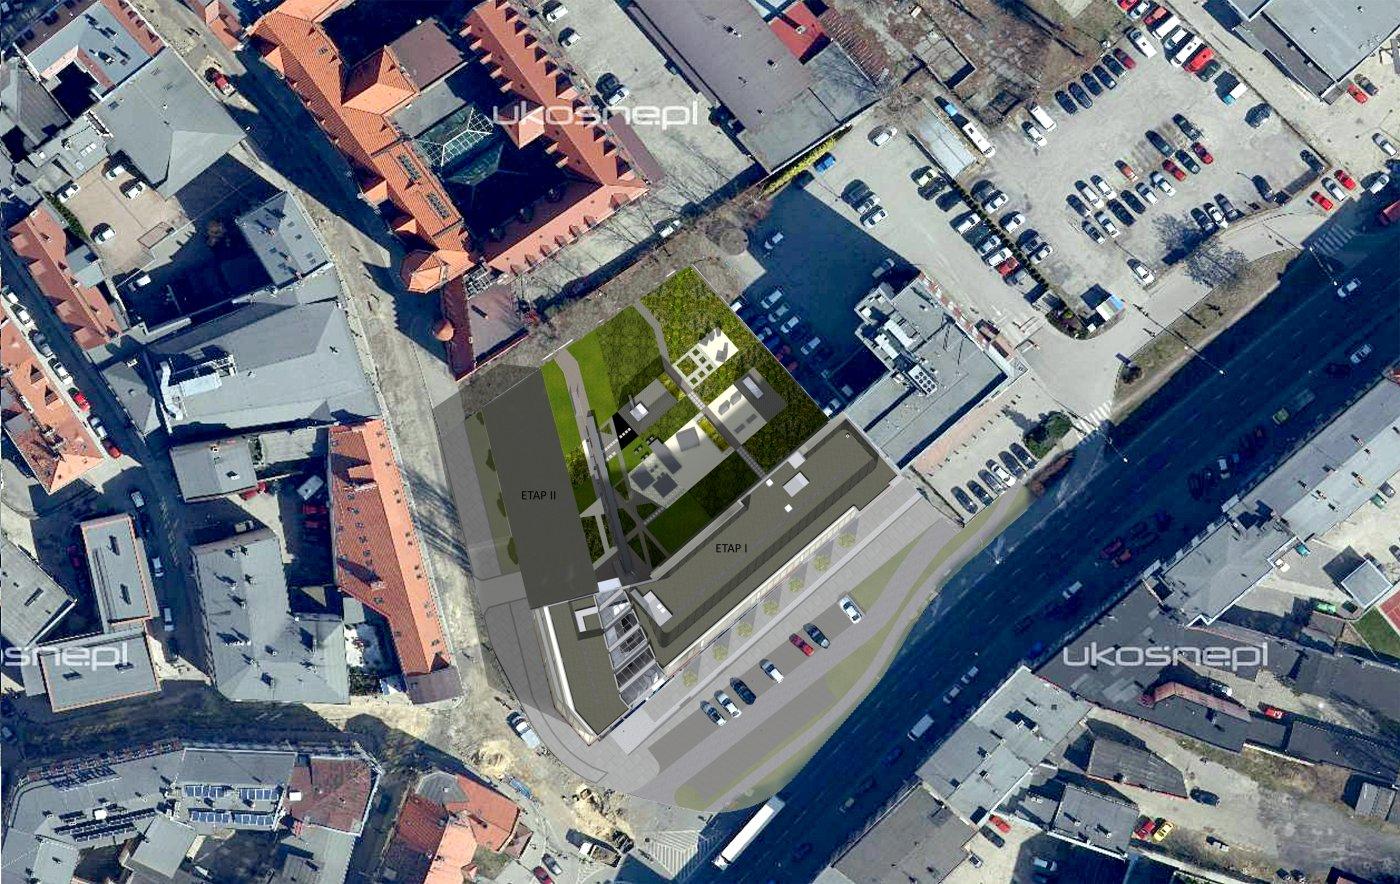 Dworcowa 25 zagospodarowanie na foto mapie + etap II